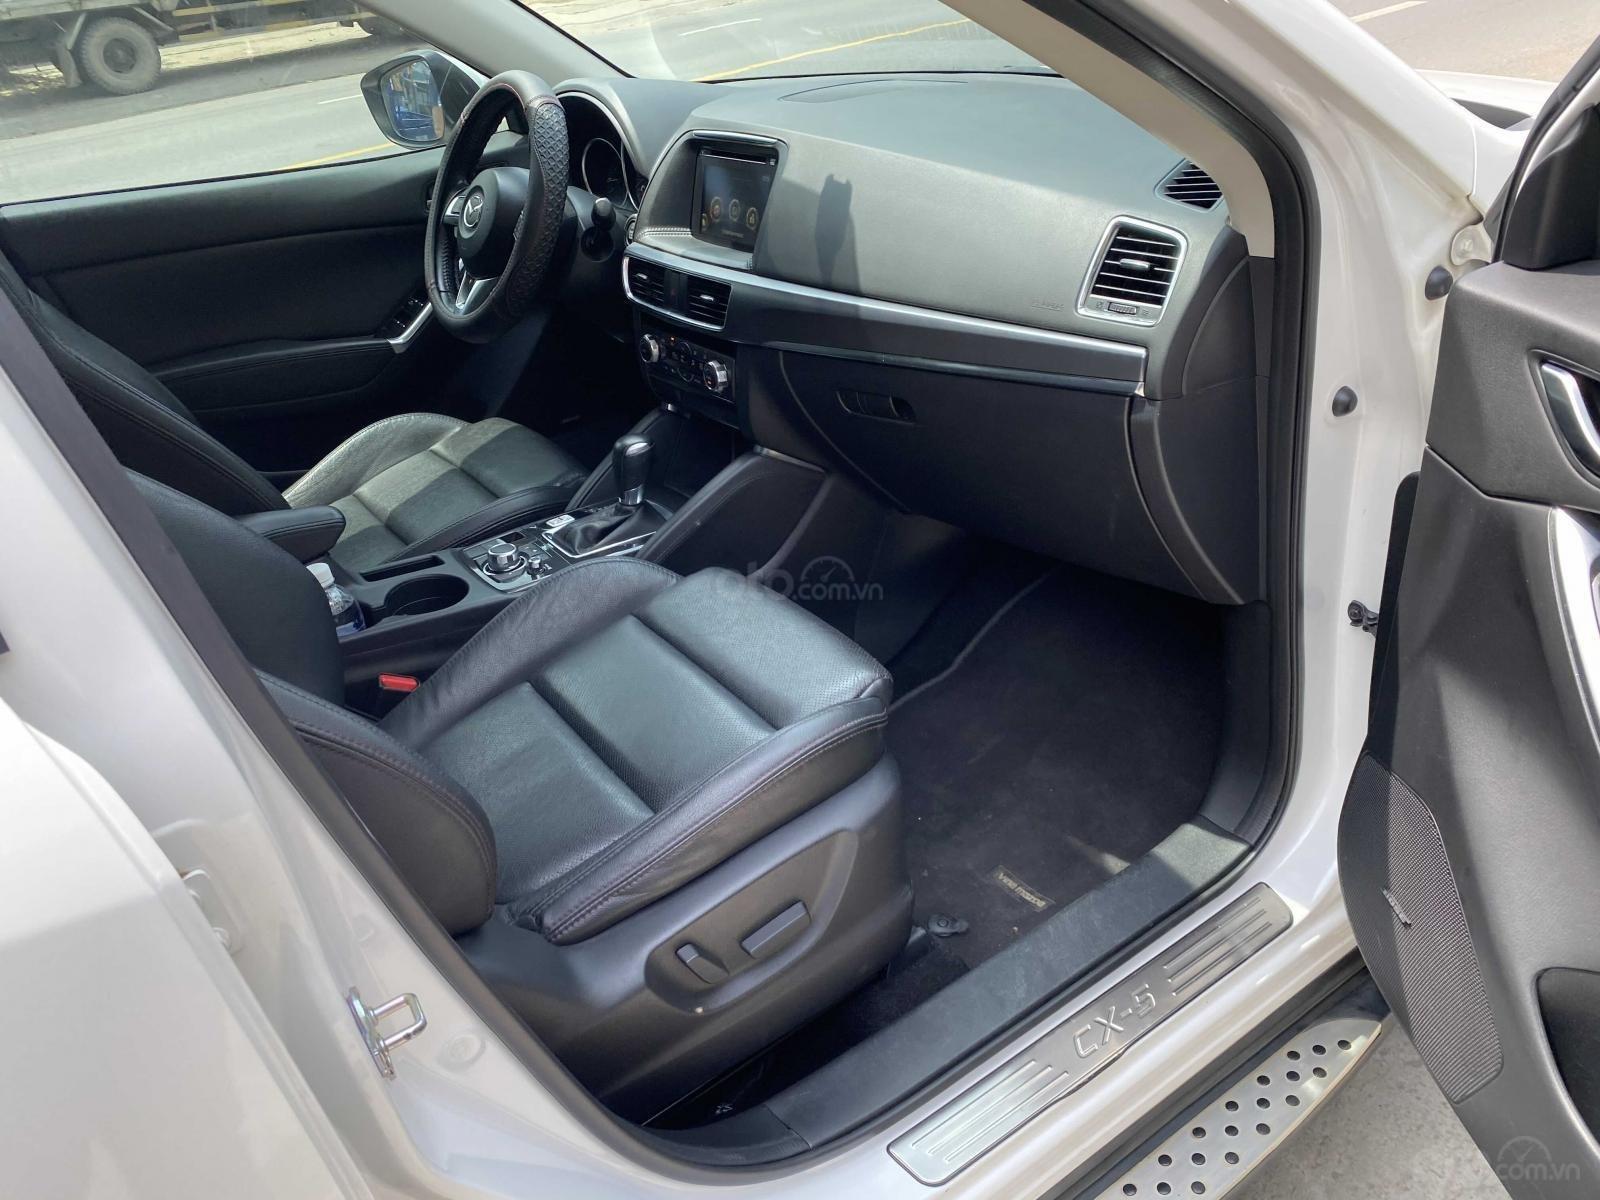 Cần bán xe Mazda CX 5 đăng ký 2016, màu trắng ít sử dụng, giá tốt 708 triệu đồng (8)